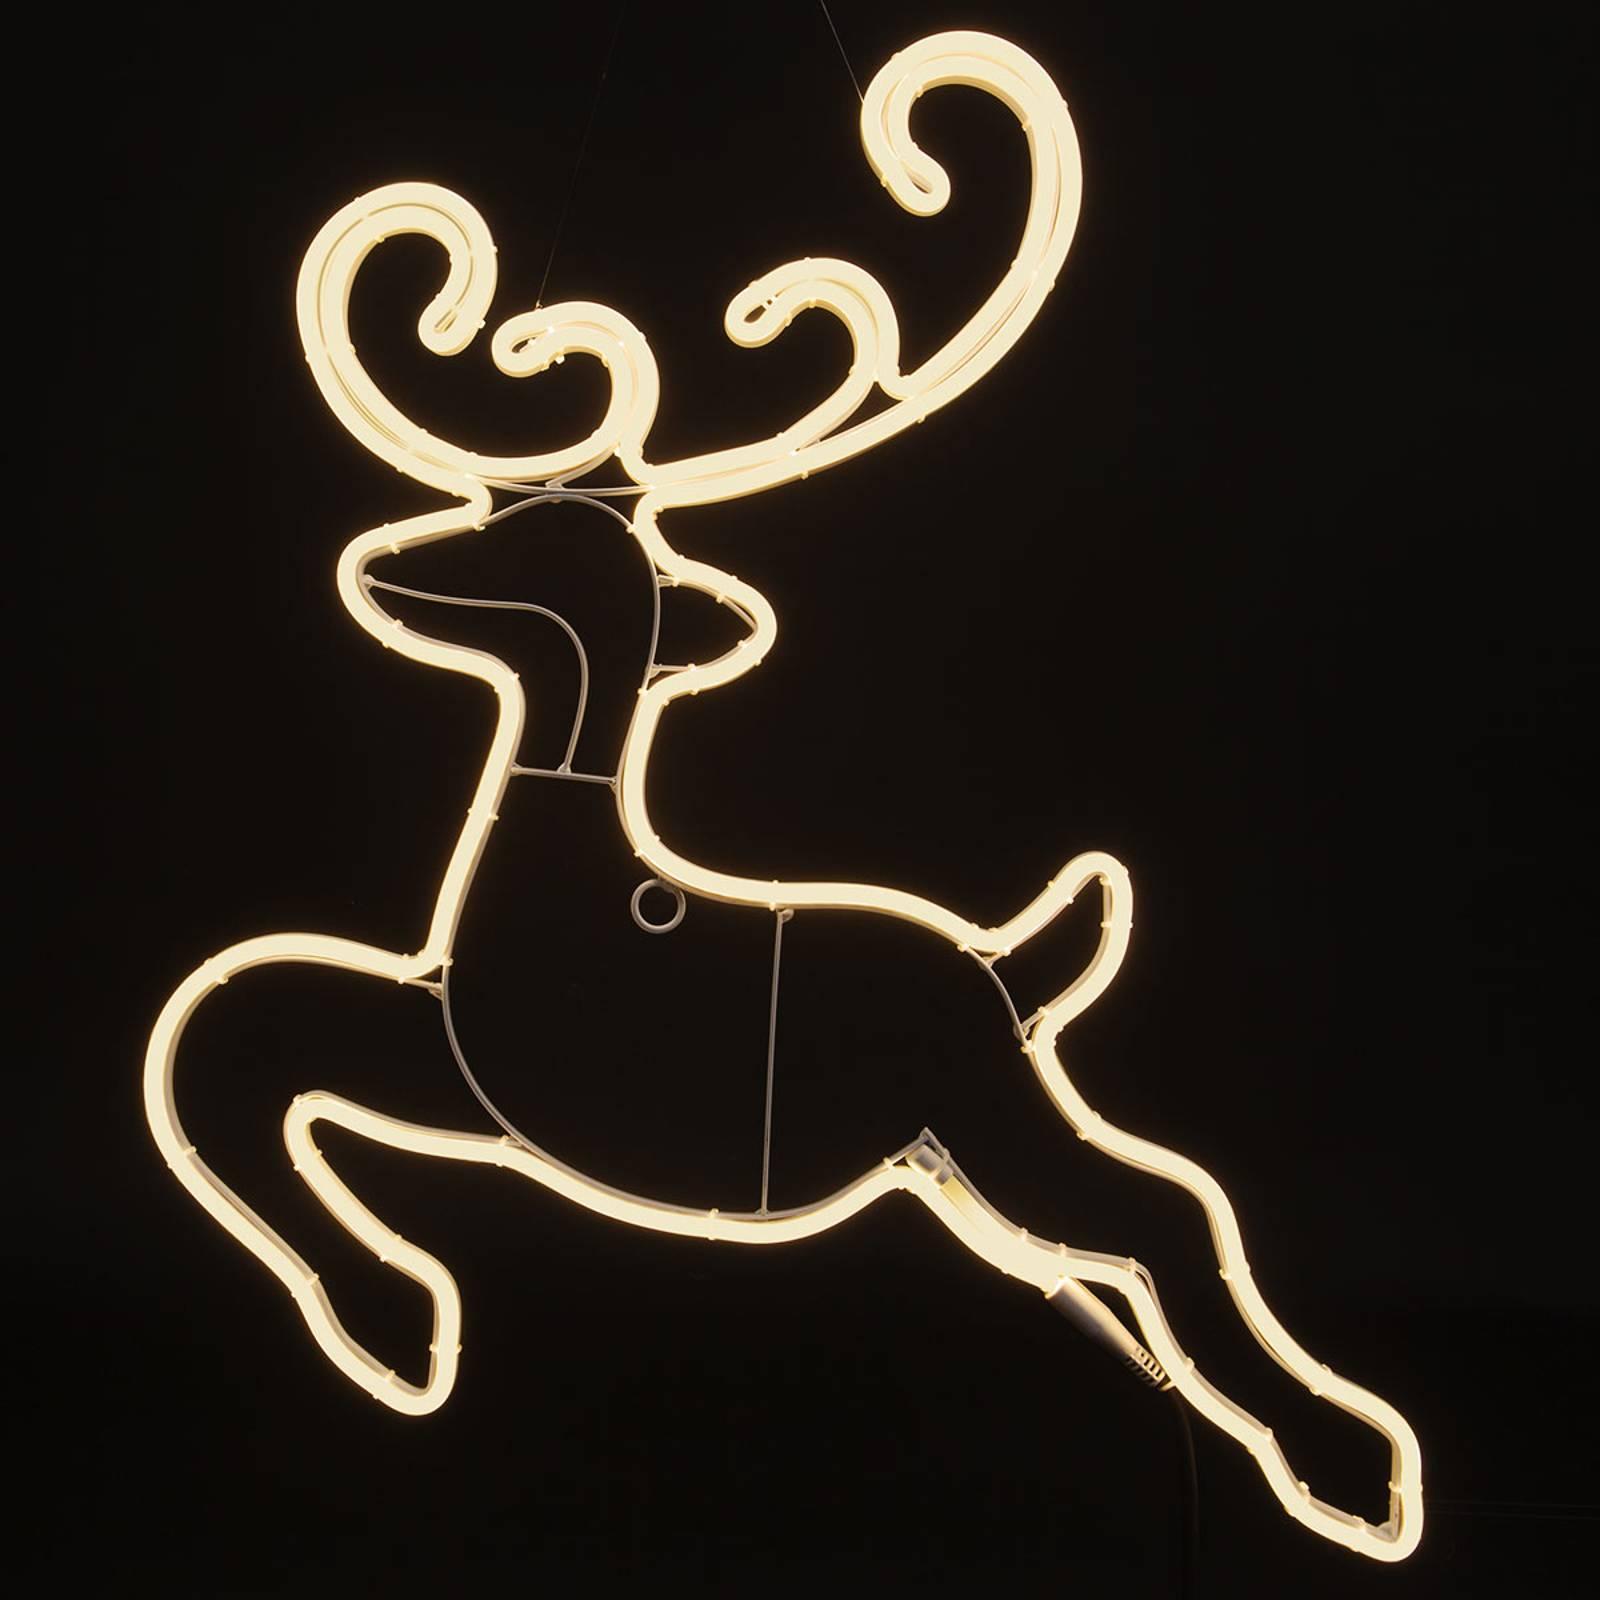 *For X-Mas*: LED-Rentier aus Kunststoff, springend